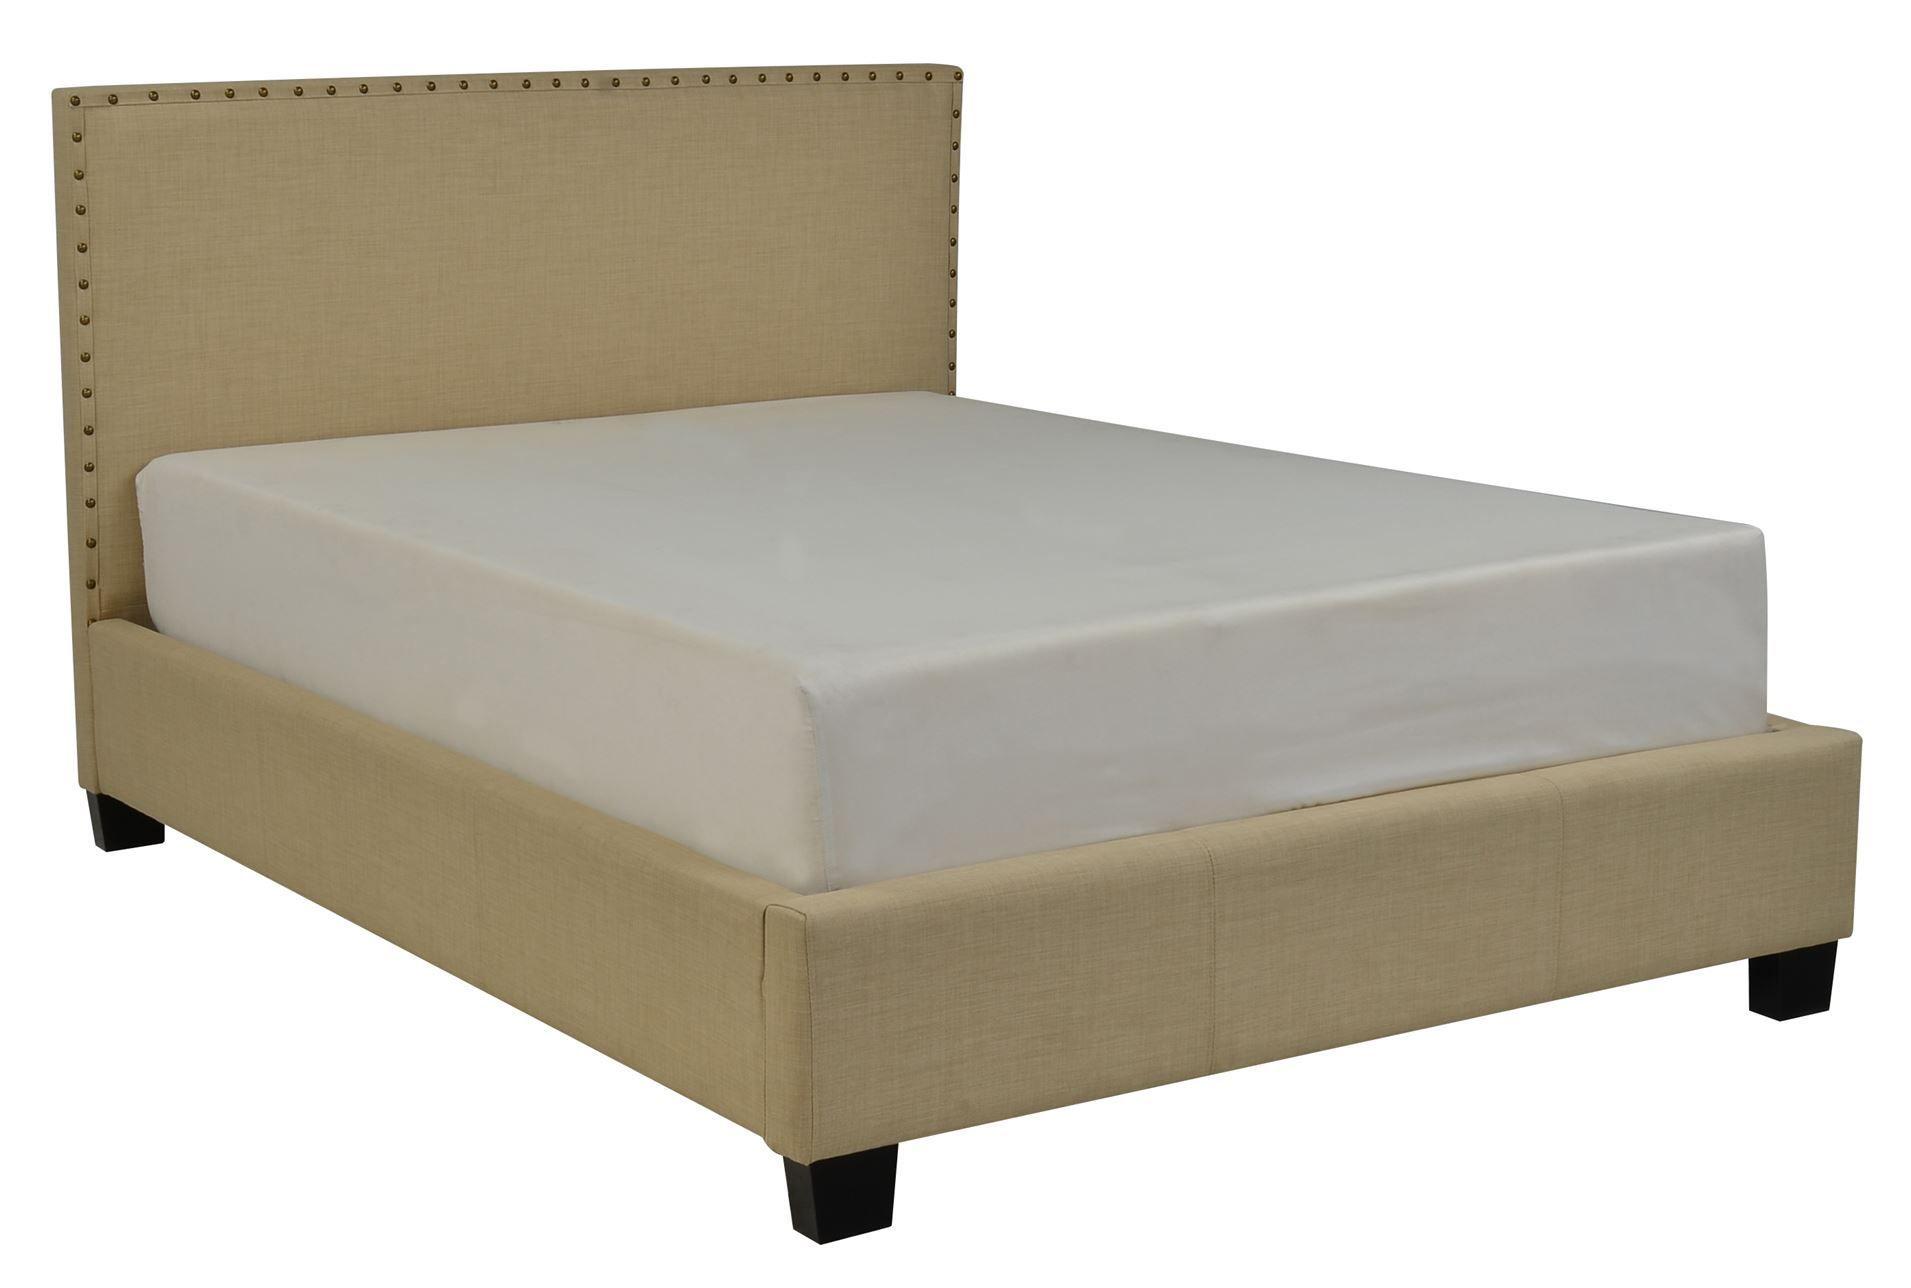 Lennox Eastern King Upholstered Platform Bed